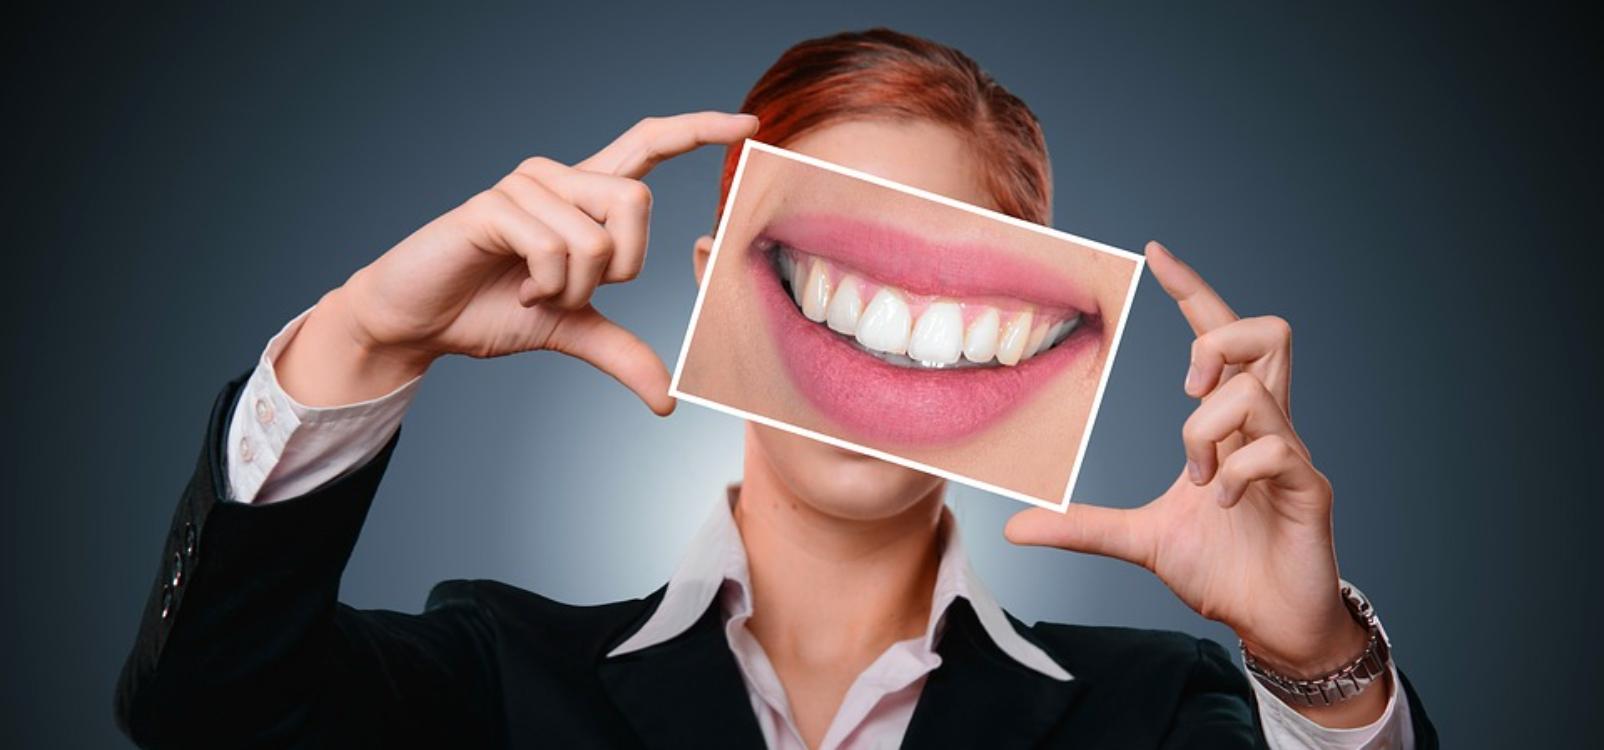 Quer ter um sorriso mesmo lindo? Estes 7 alimentos ajudam!